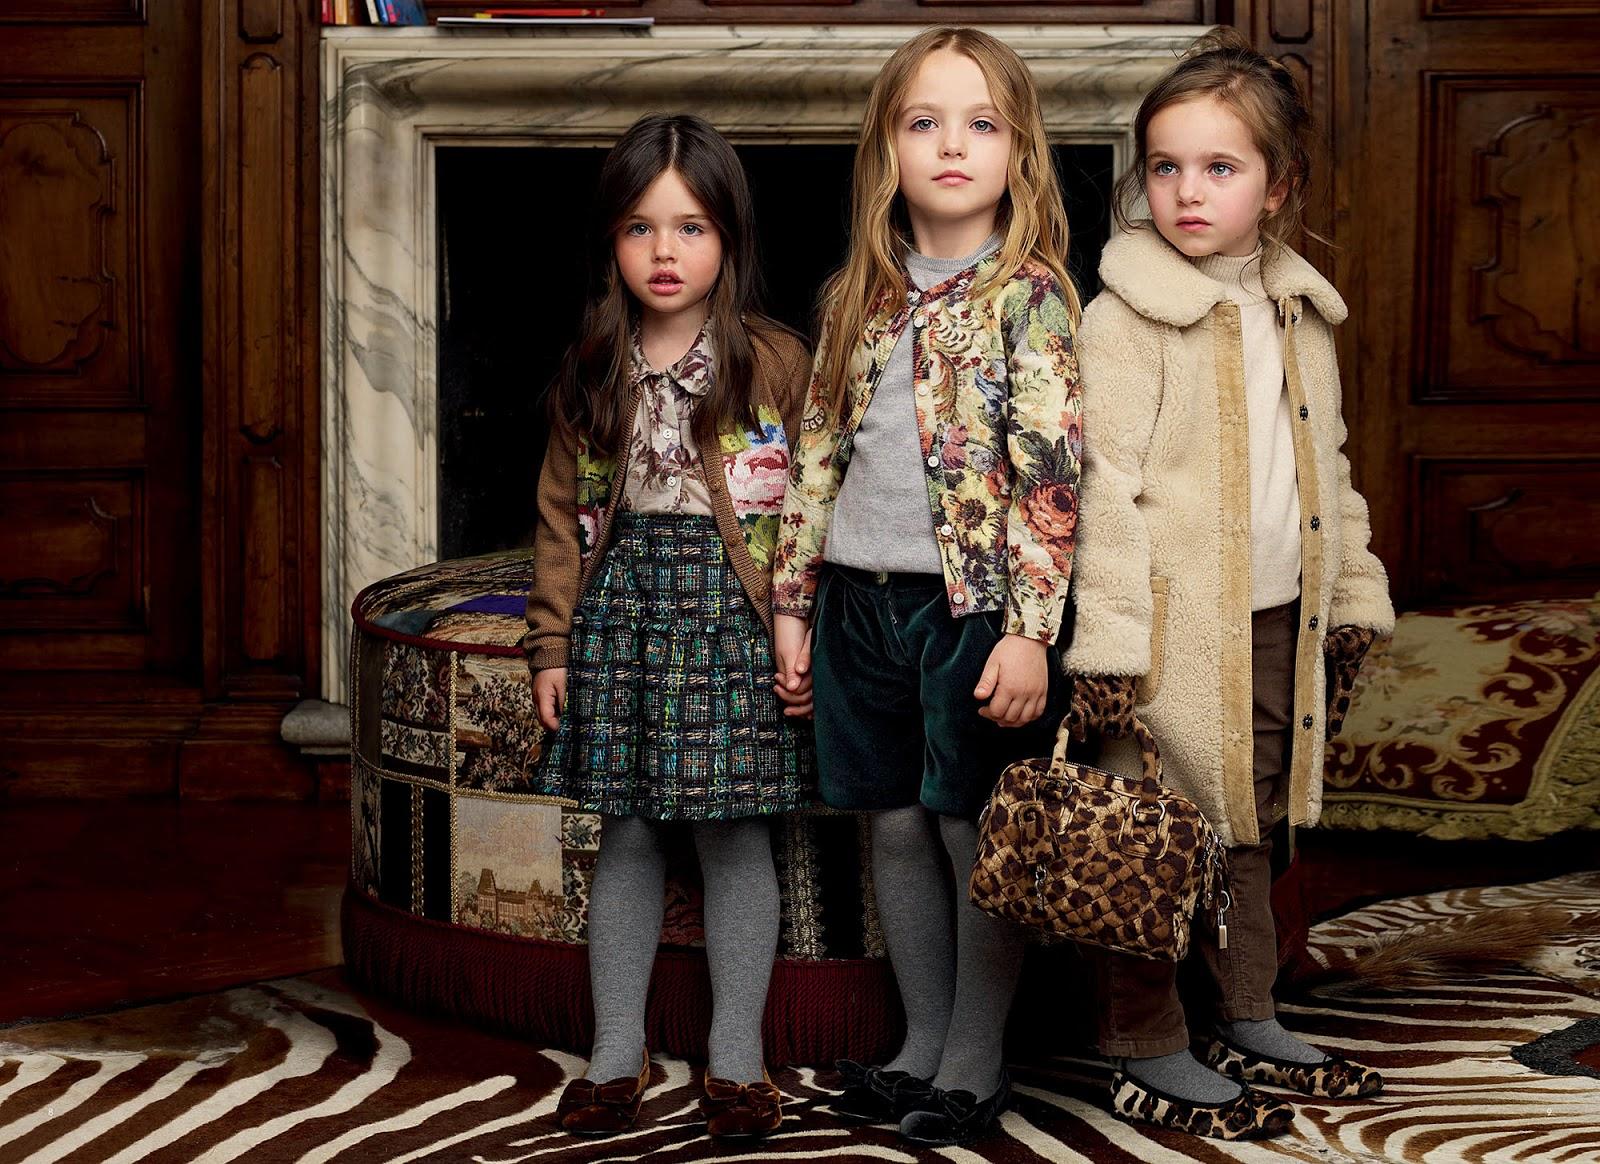 Юные девушки голышом на фото 23 фотография